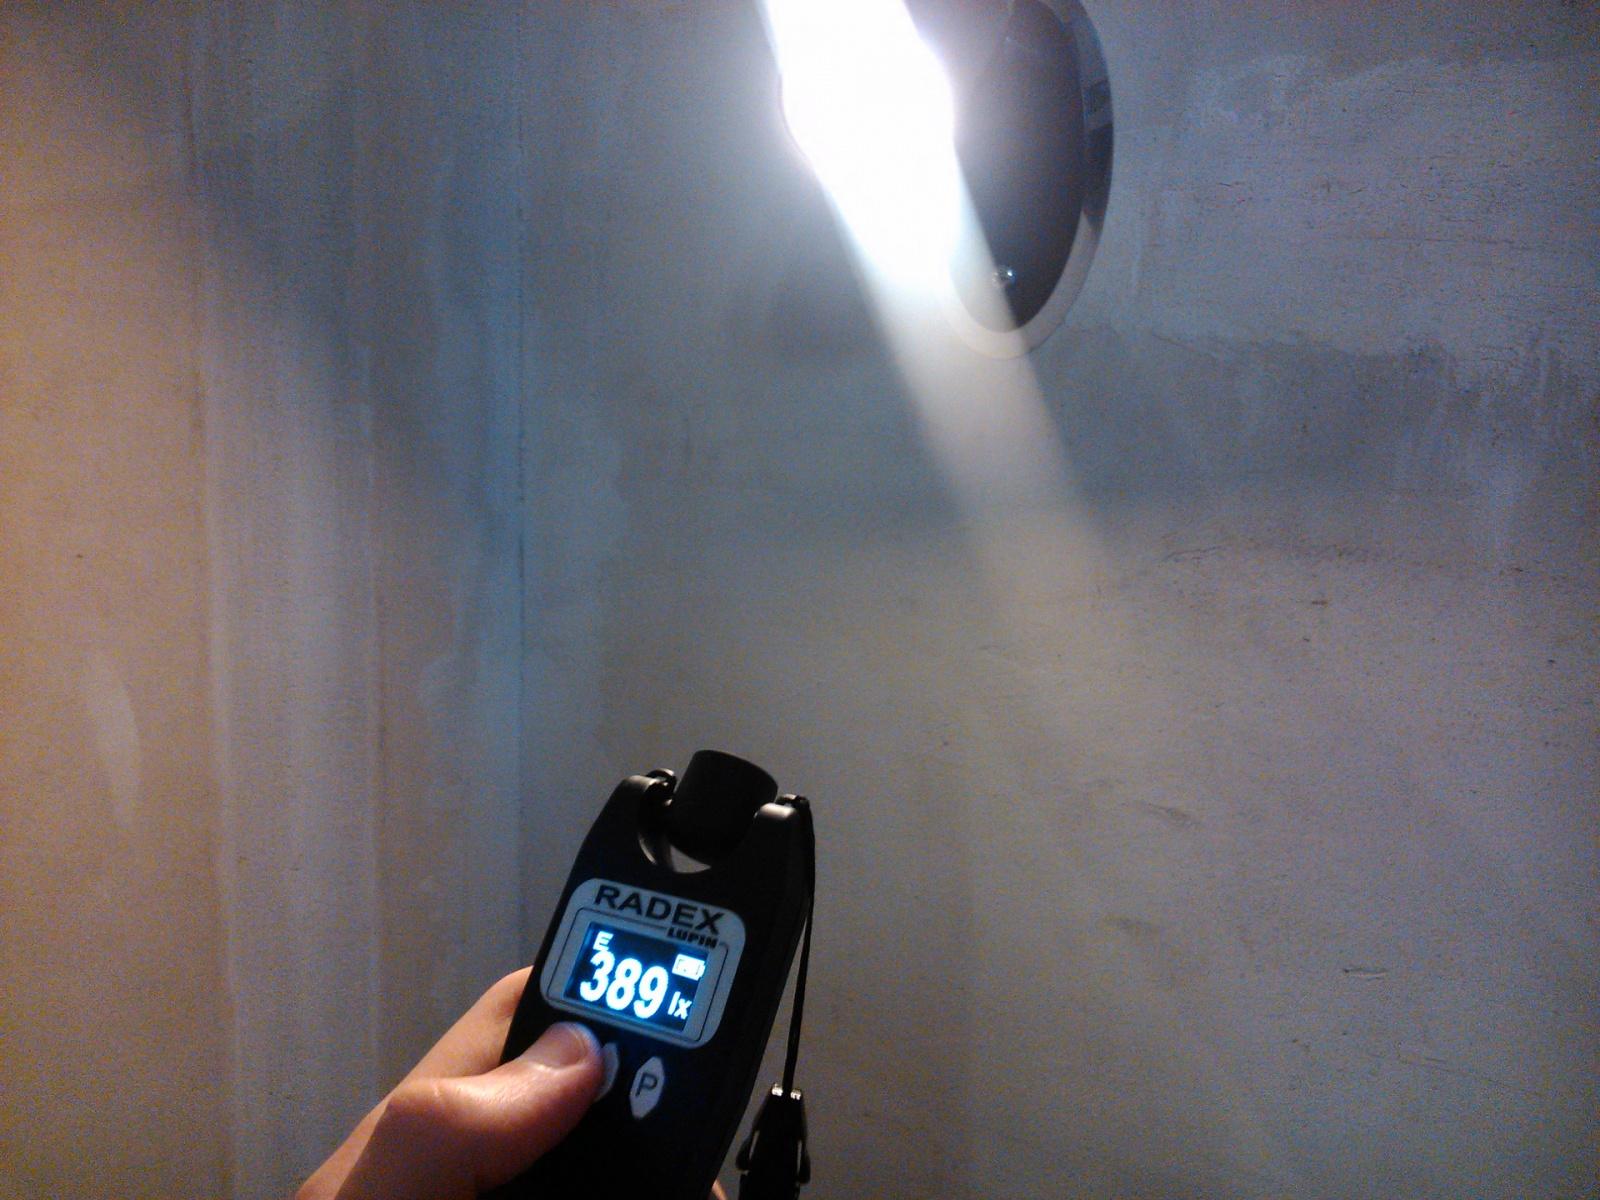 Radex Lupin: Когда свет можно посчитать - 26